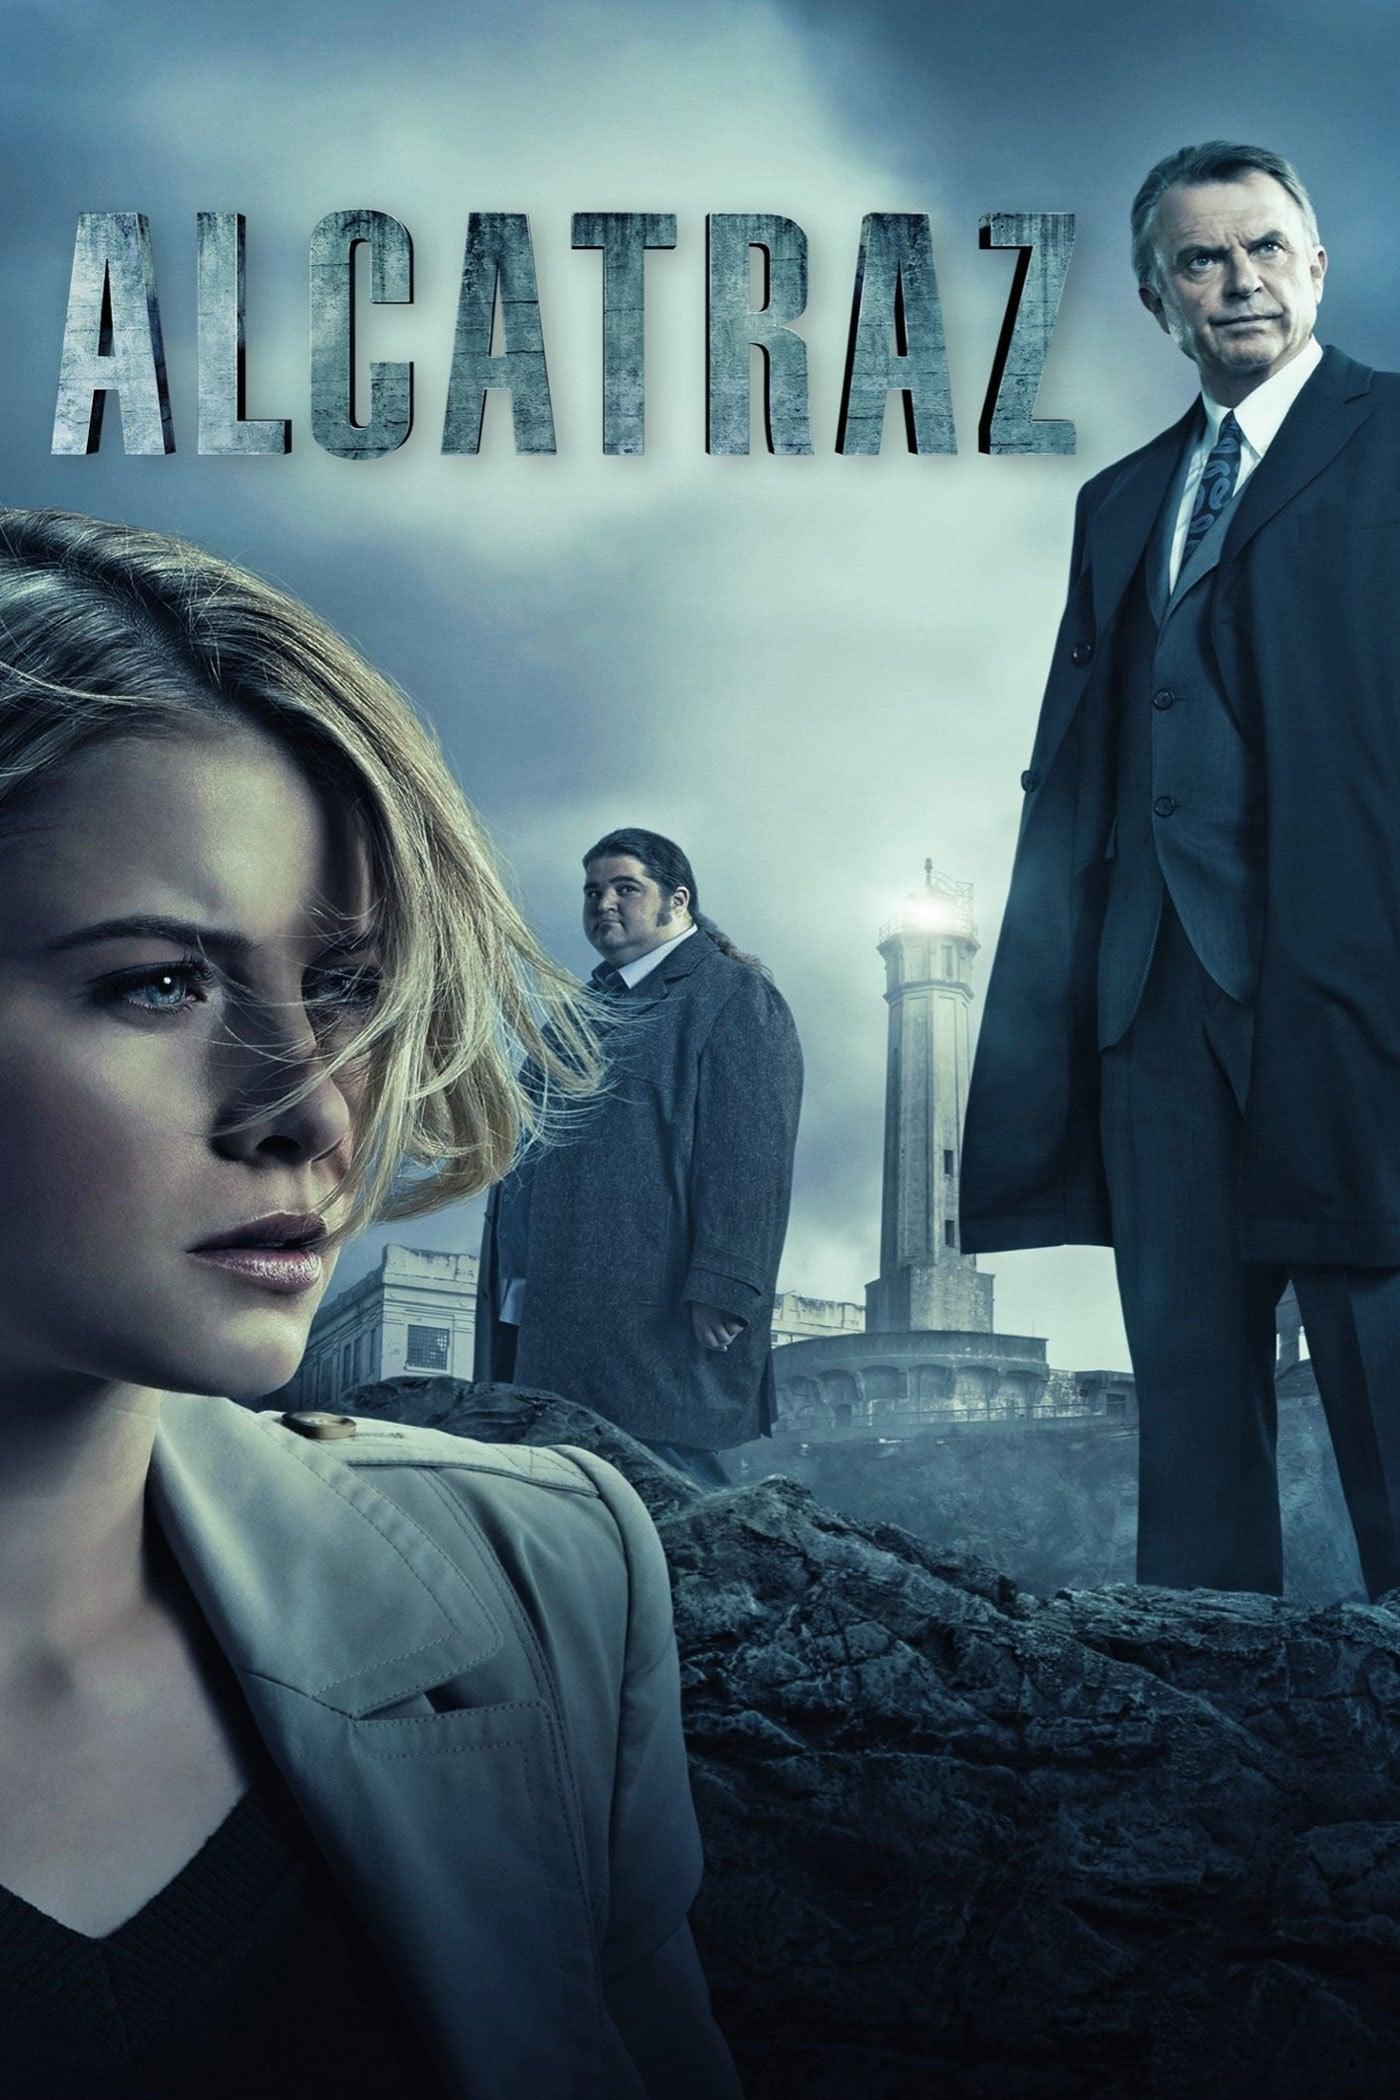 Alcatraz TV Shows About Escape